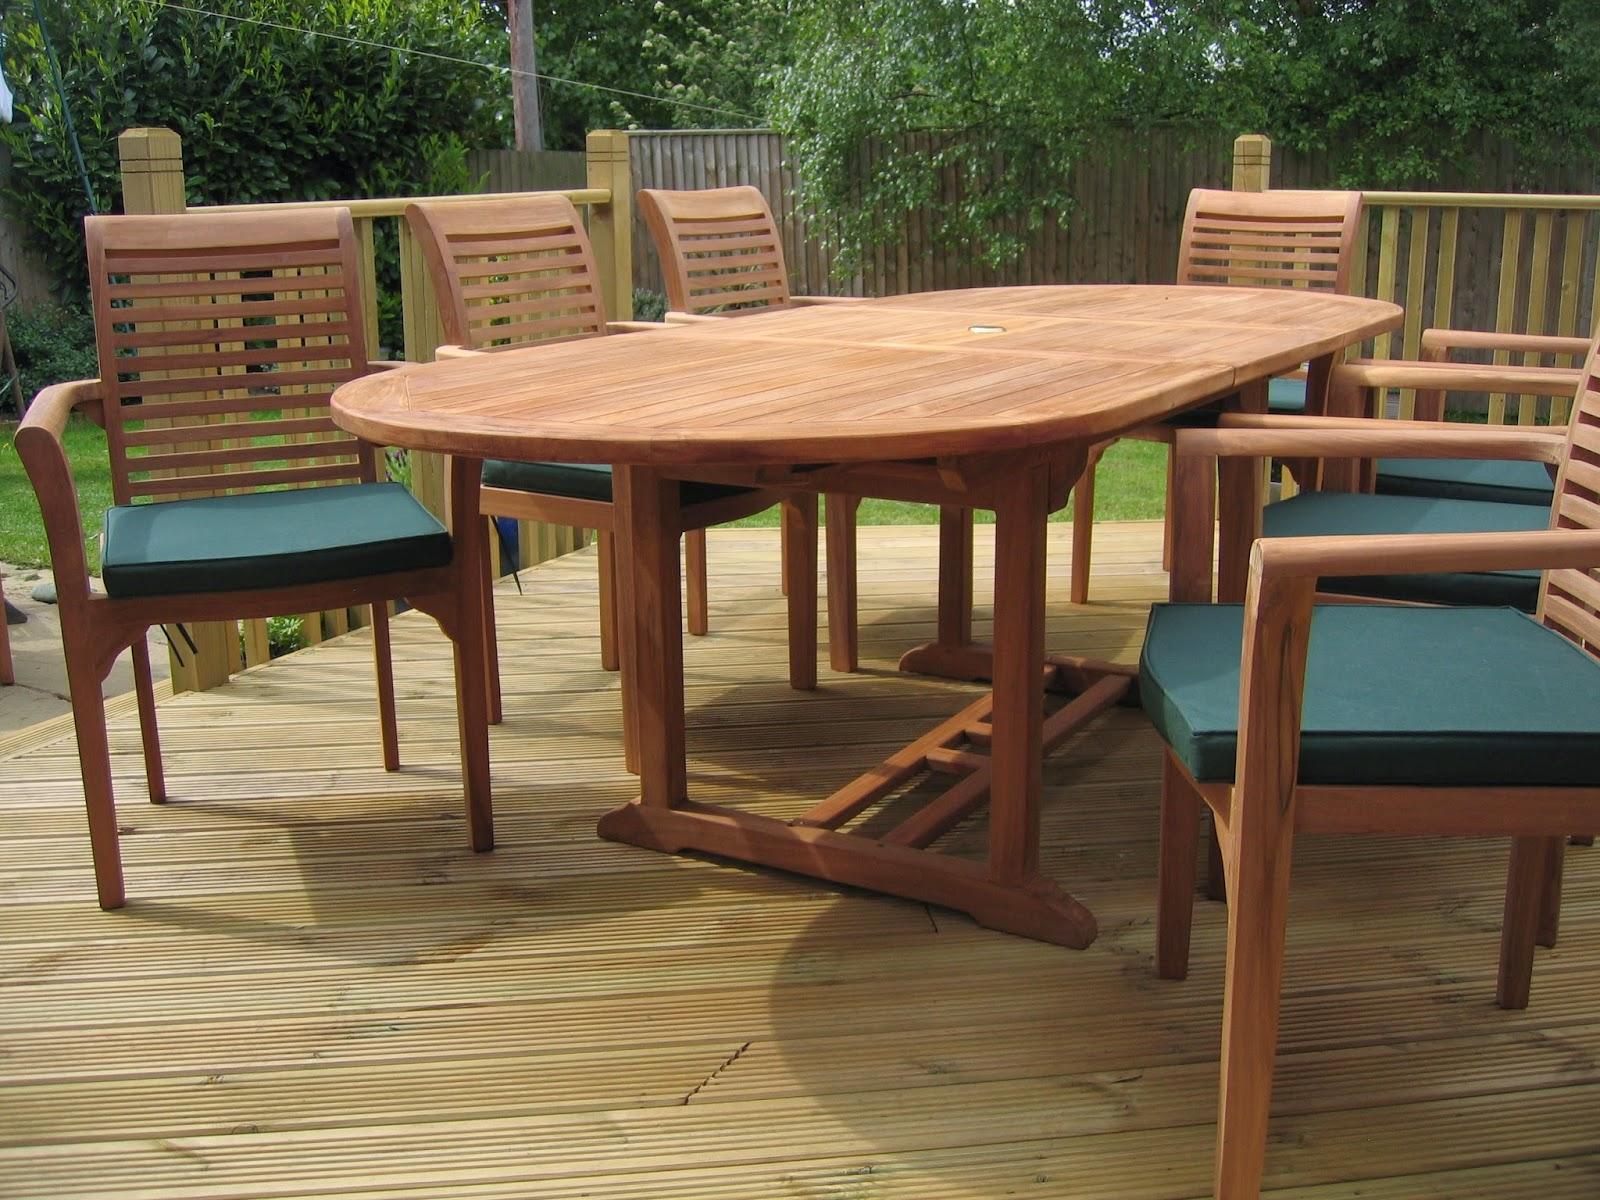 Estores y toldos como cuidar de los muebles de jardin - Mubles de jardin ...